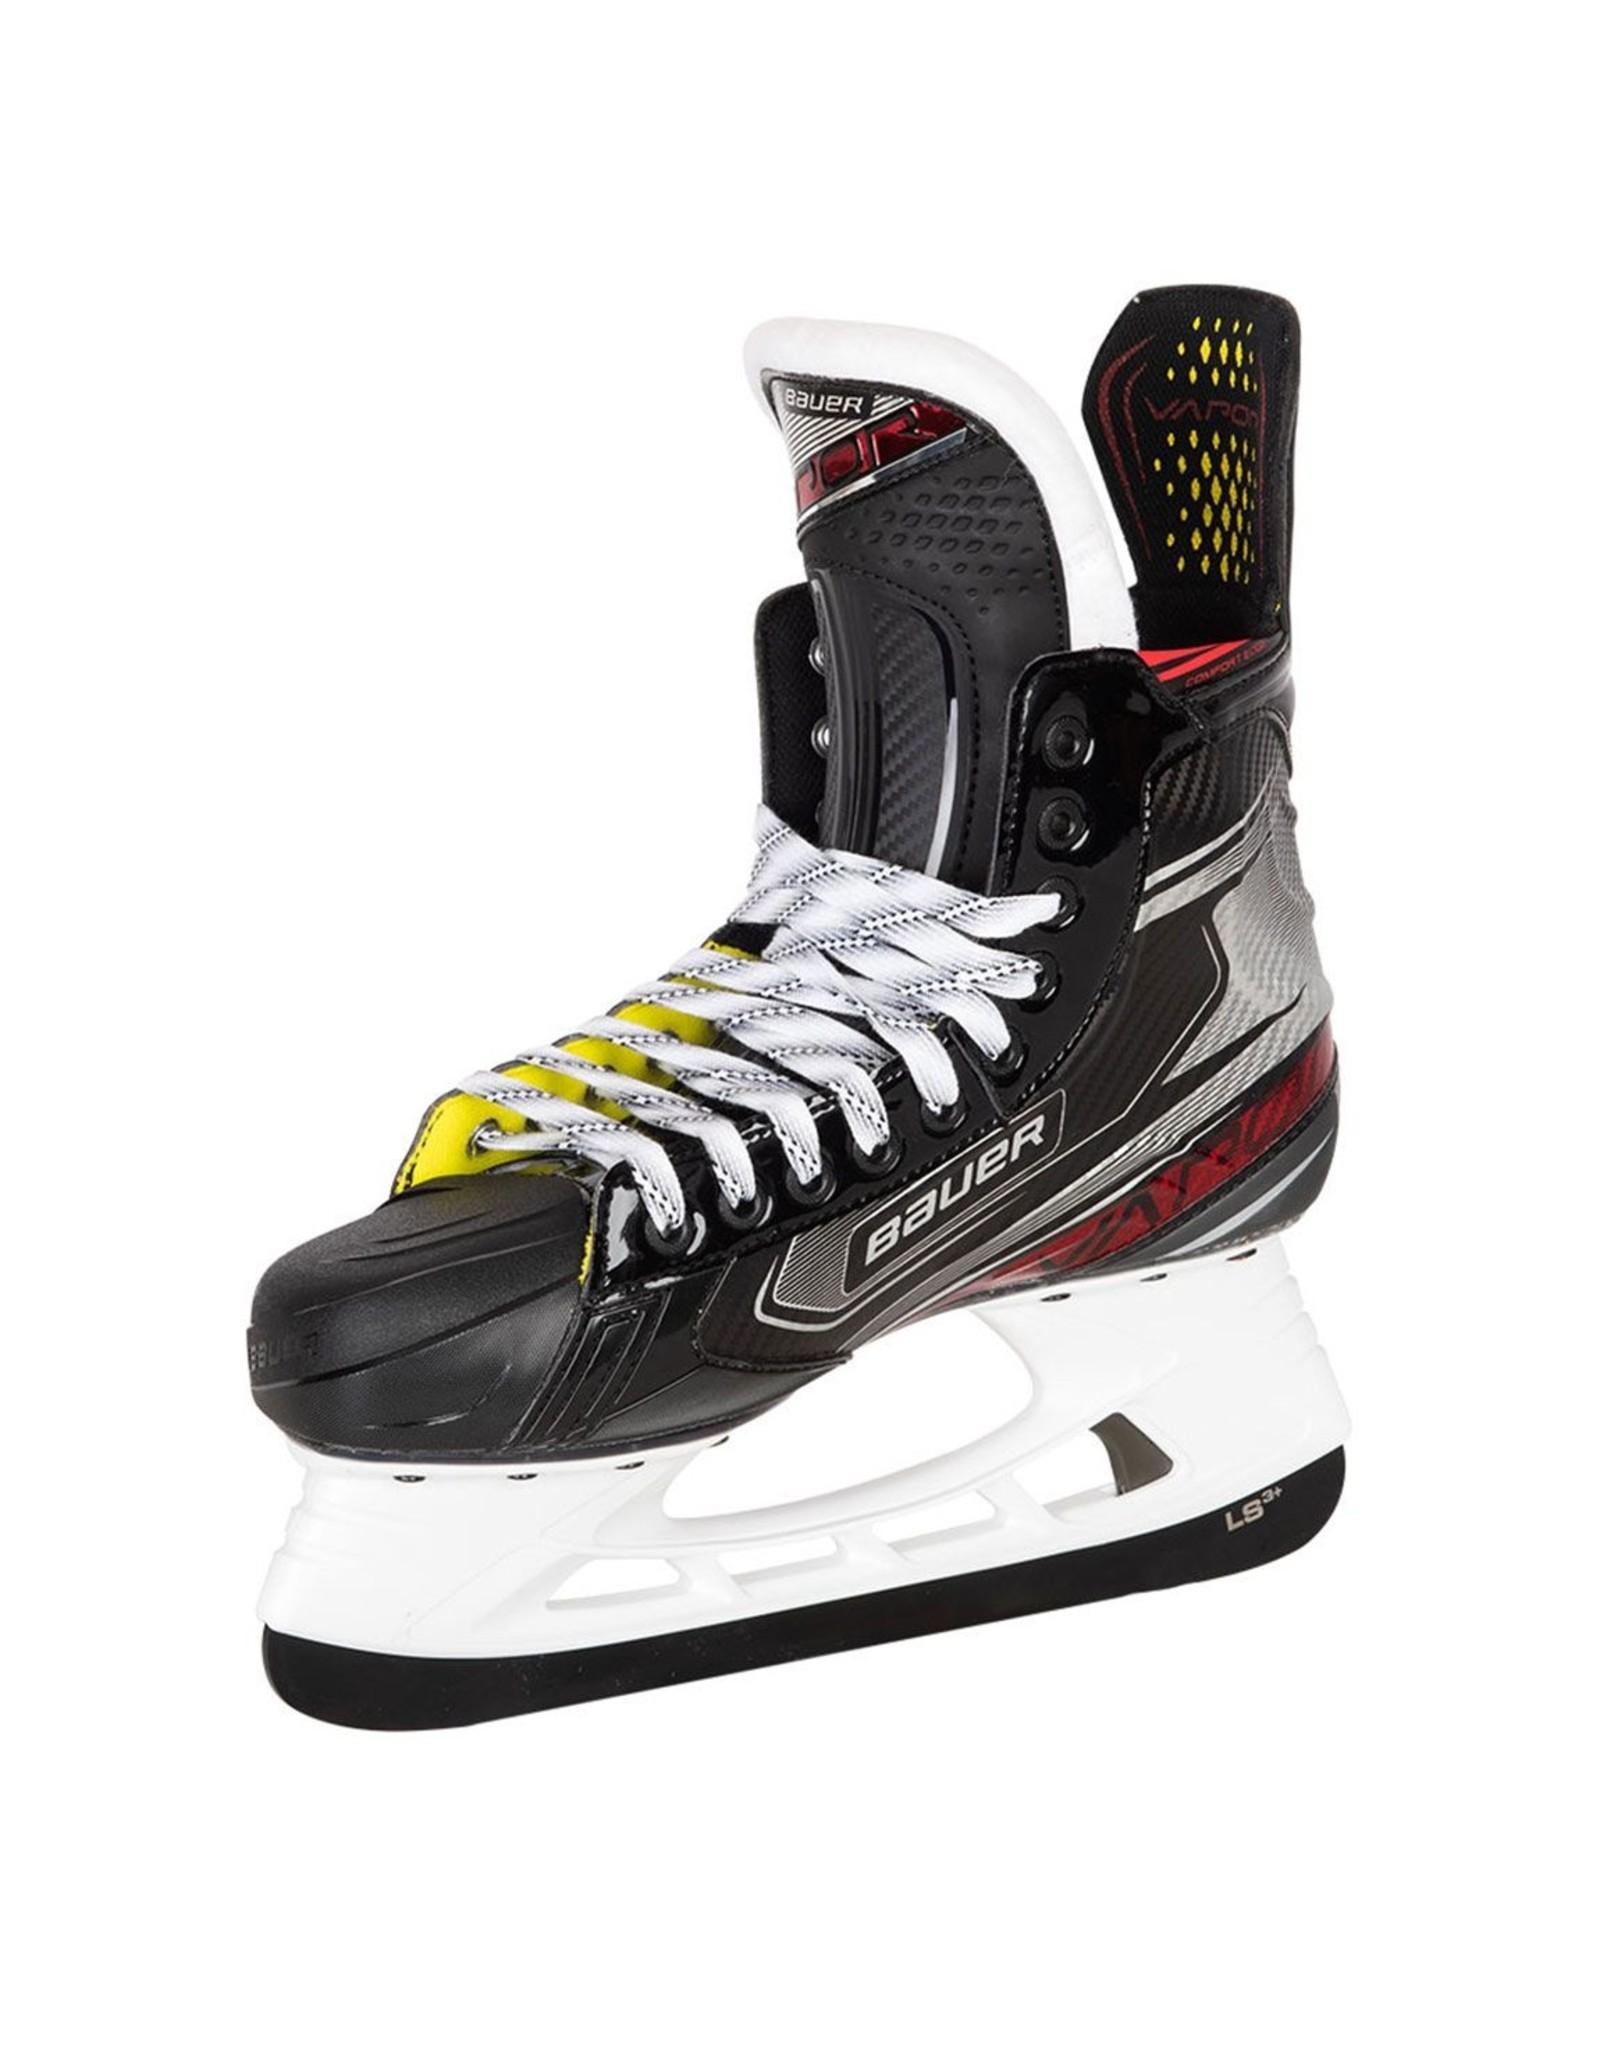 Bauer Hockey - Canada BAUER VAPOR XLTX PRO+ SKATE '19 - SR